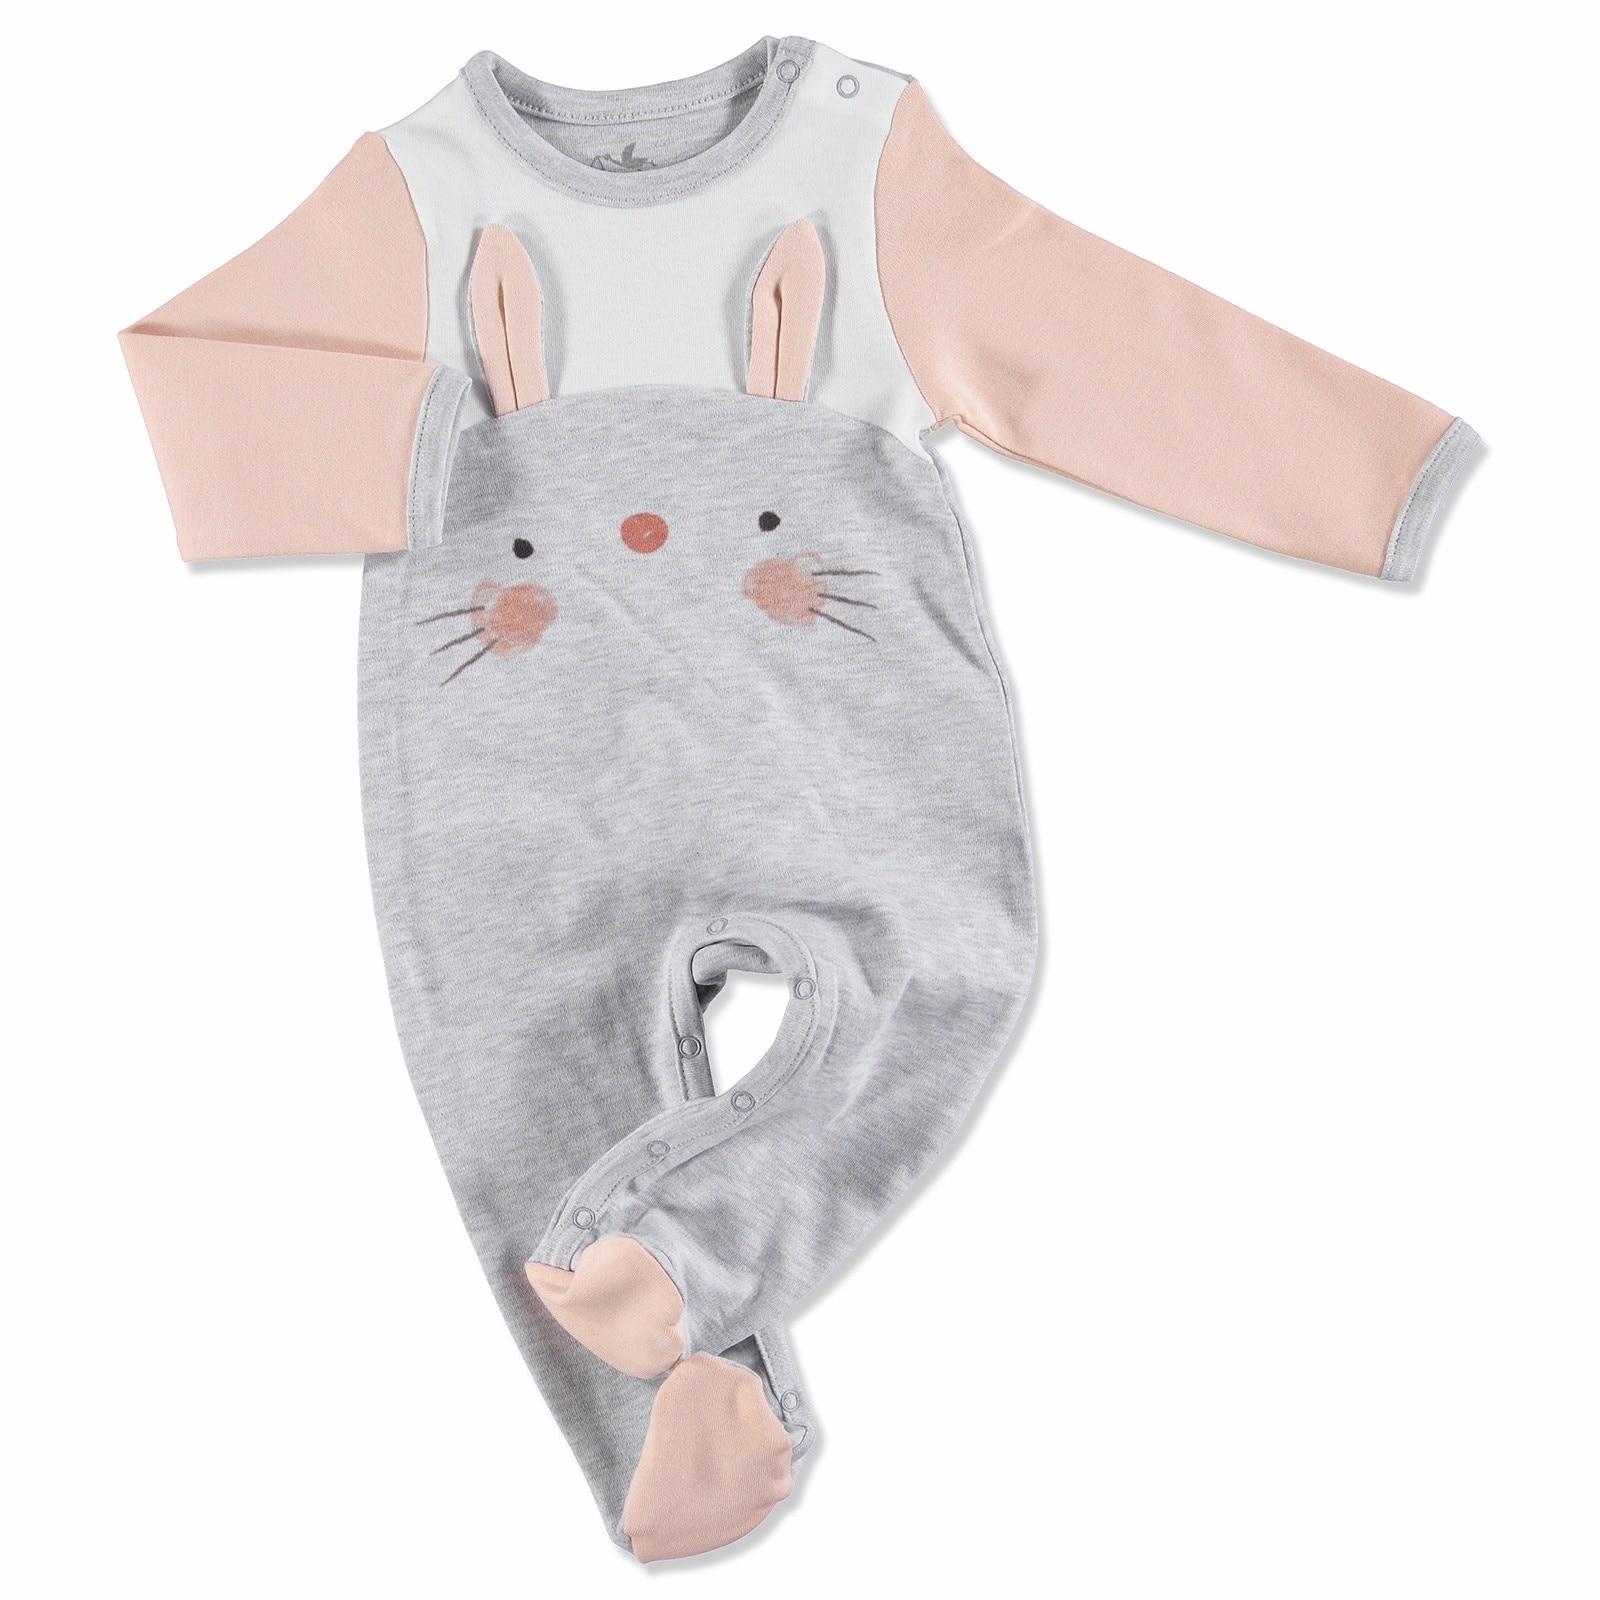 Ebebek Newborn Fashion Club My Bunny Friend Baby Footed Romper